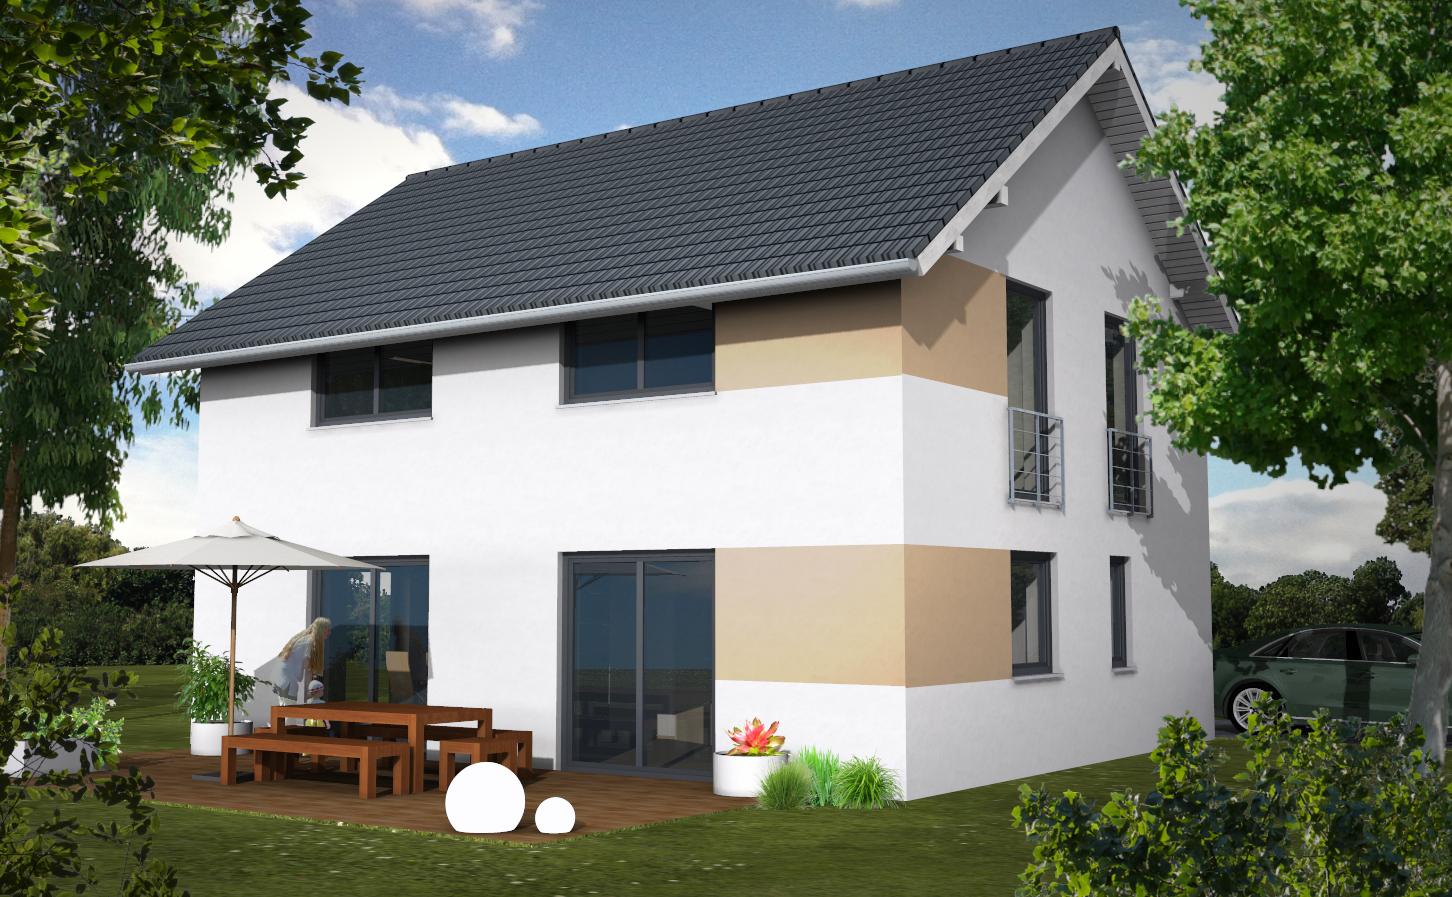 Einfamlienhaus Variante 2